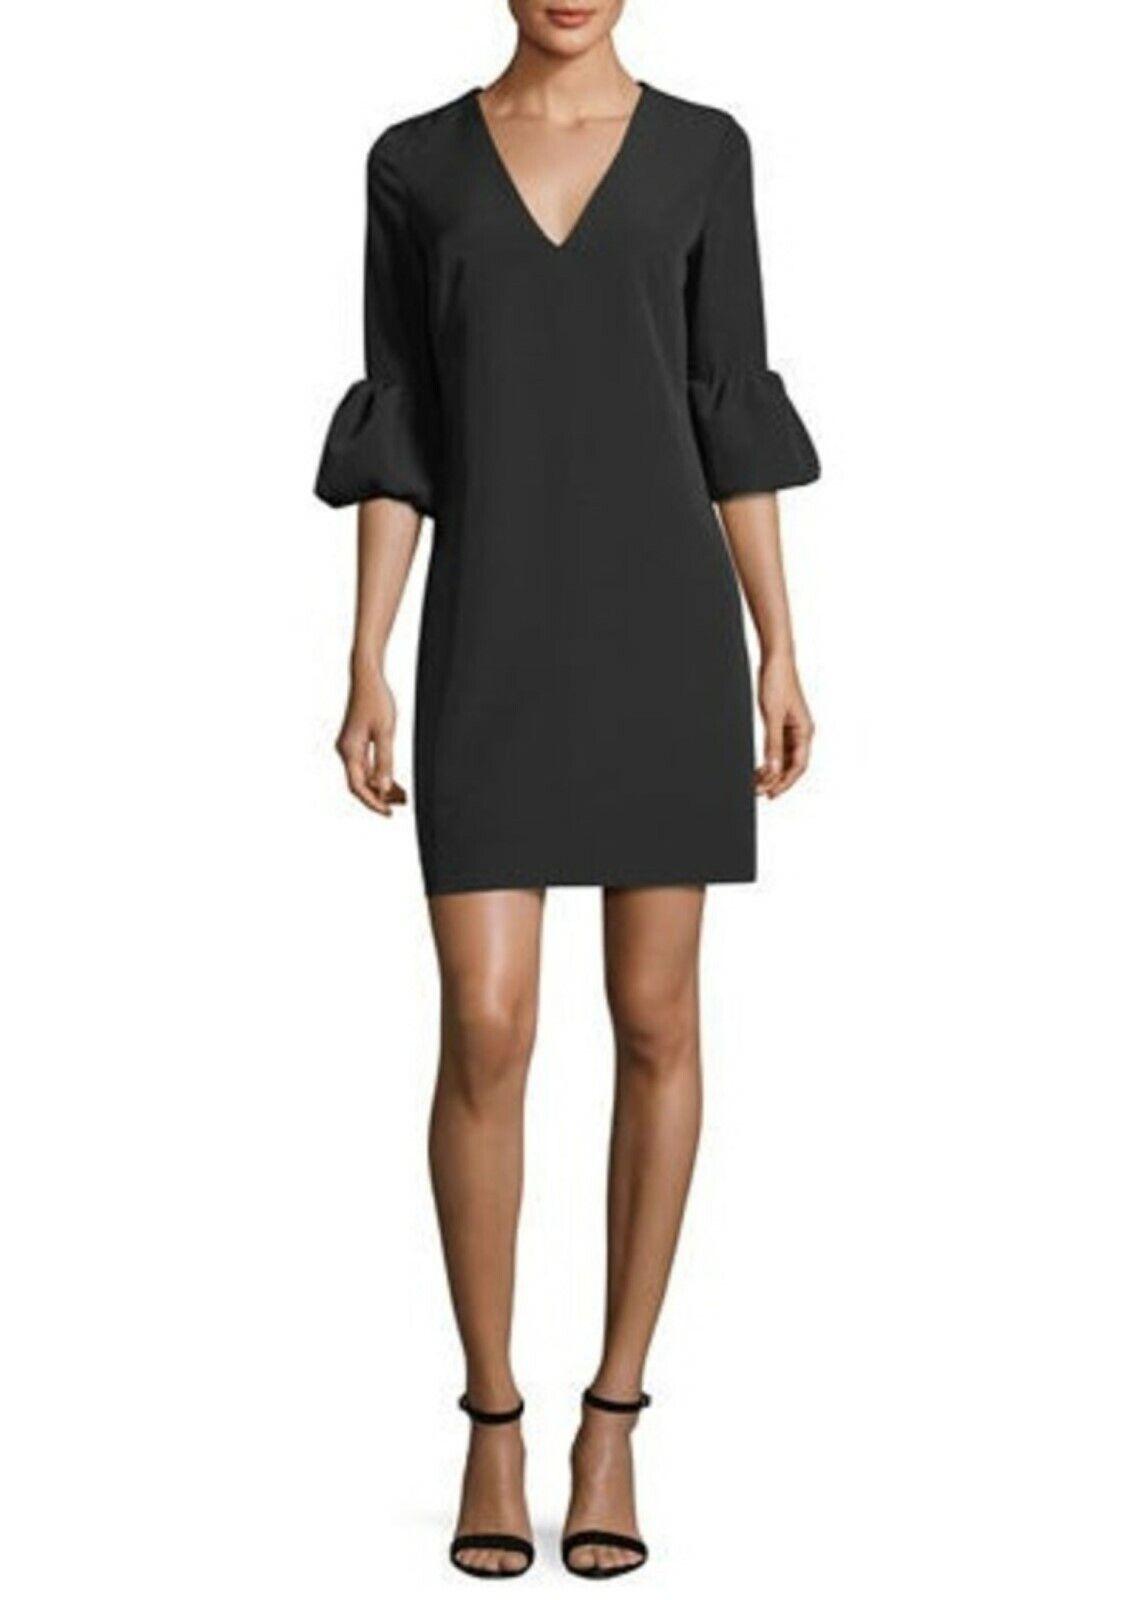 Nuevo Vestido Milly italiano Cady Mandy en Negro-Talla 12   D2214  ofrecemos varias marcas famosas